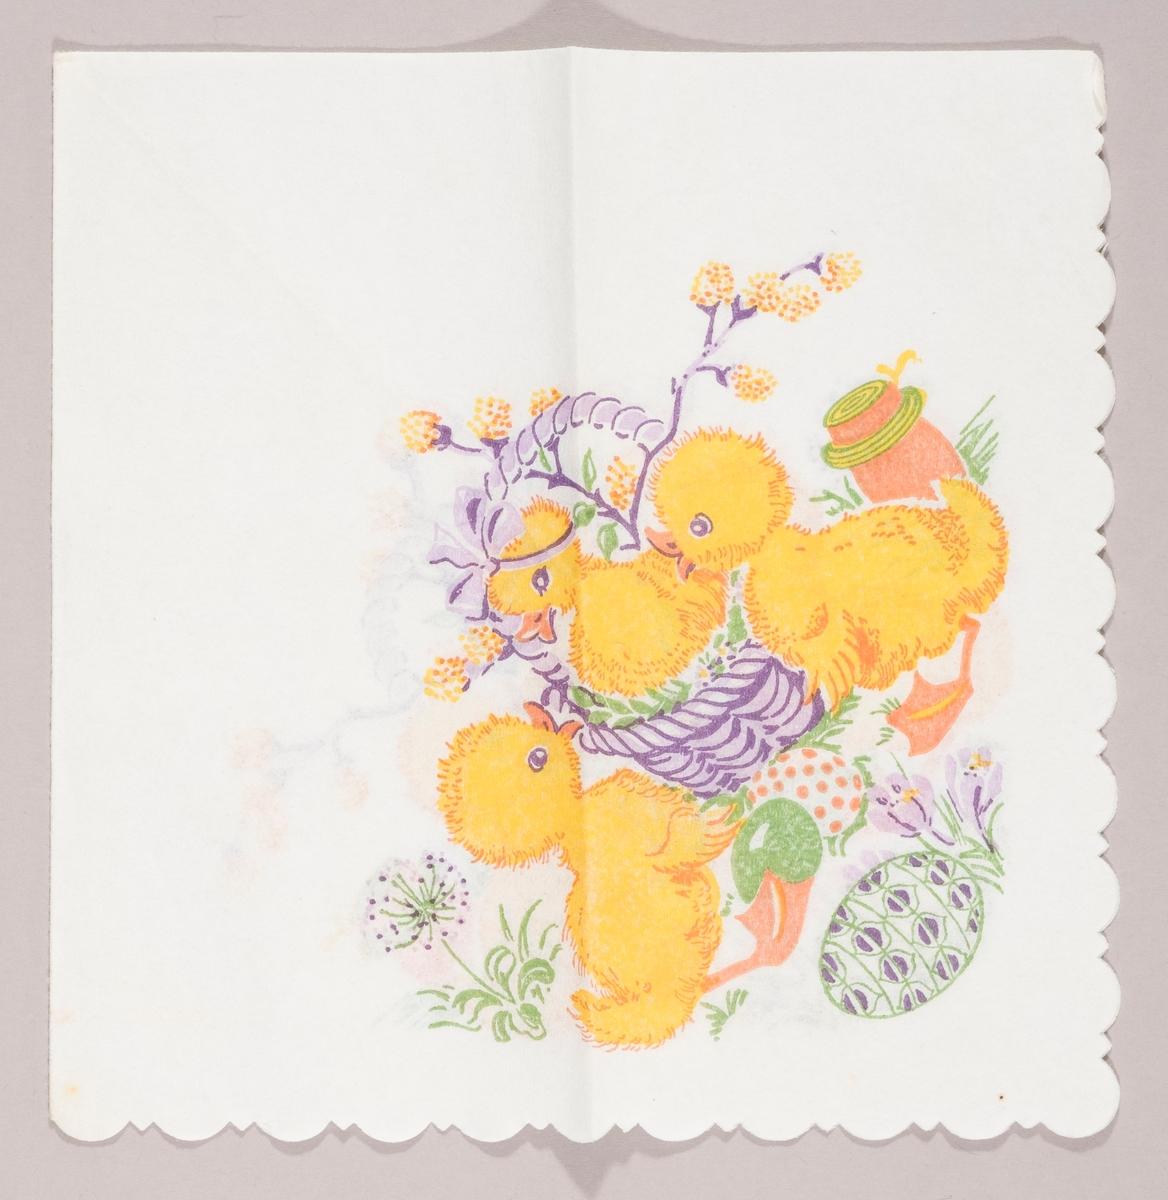 """En andunge sitter i en kurv med grener med """"gåsunger"""". To andunger står på en gressplen med påskeegg, en løvetann blomst, krokus og en tønne."""